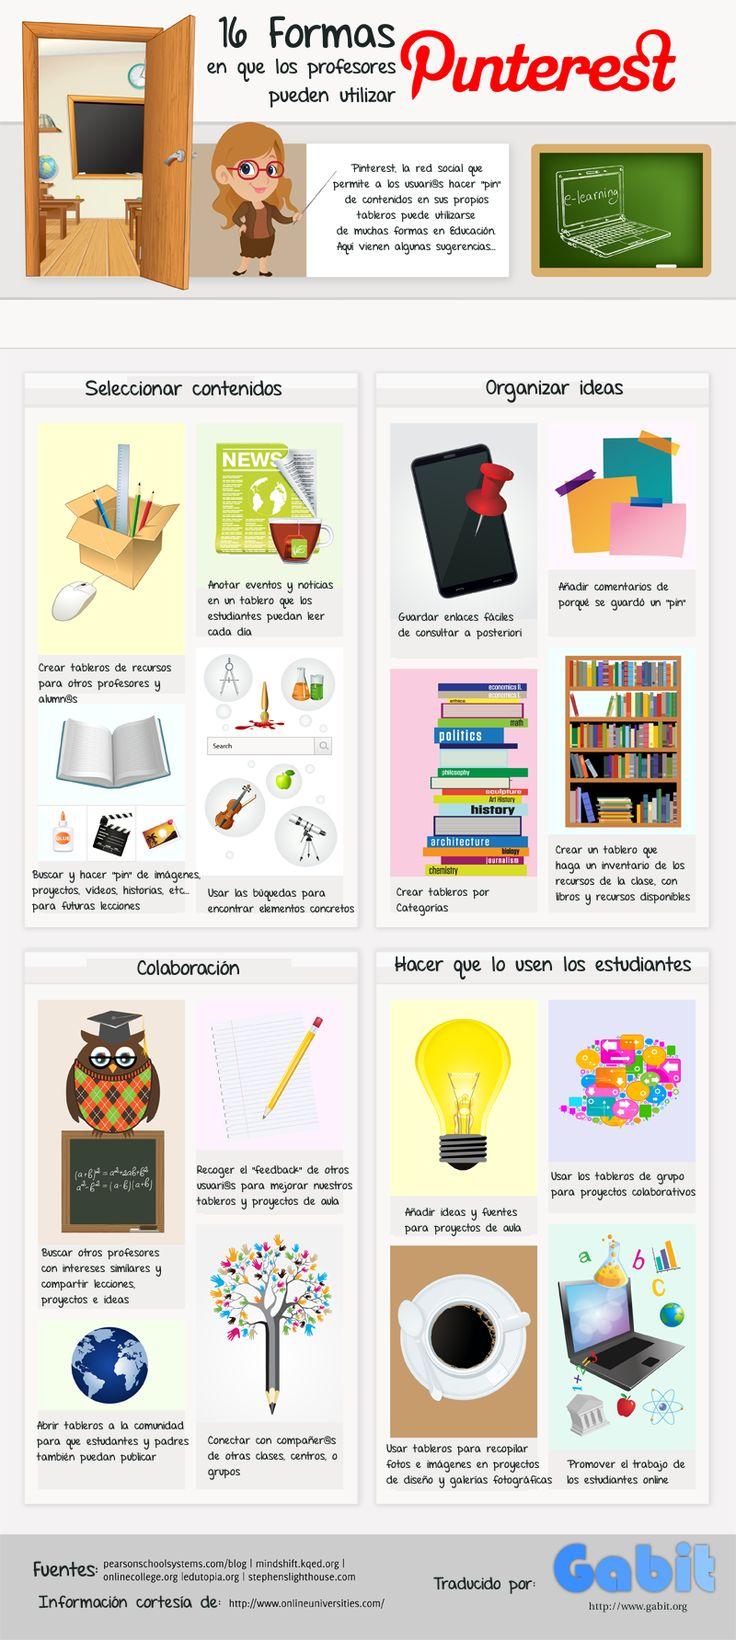 Fuente│16 formas en las que los profesores pueden utilizar Pinterest. En Gabit.